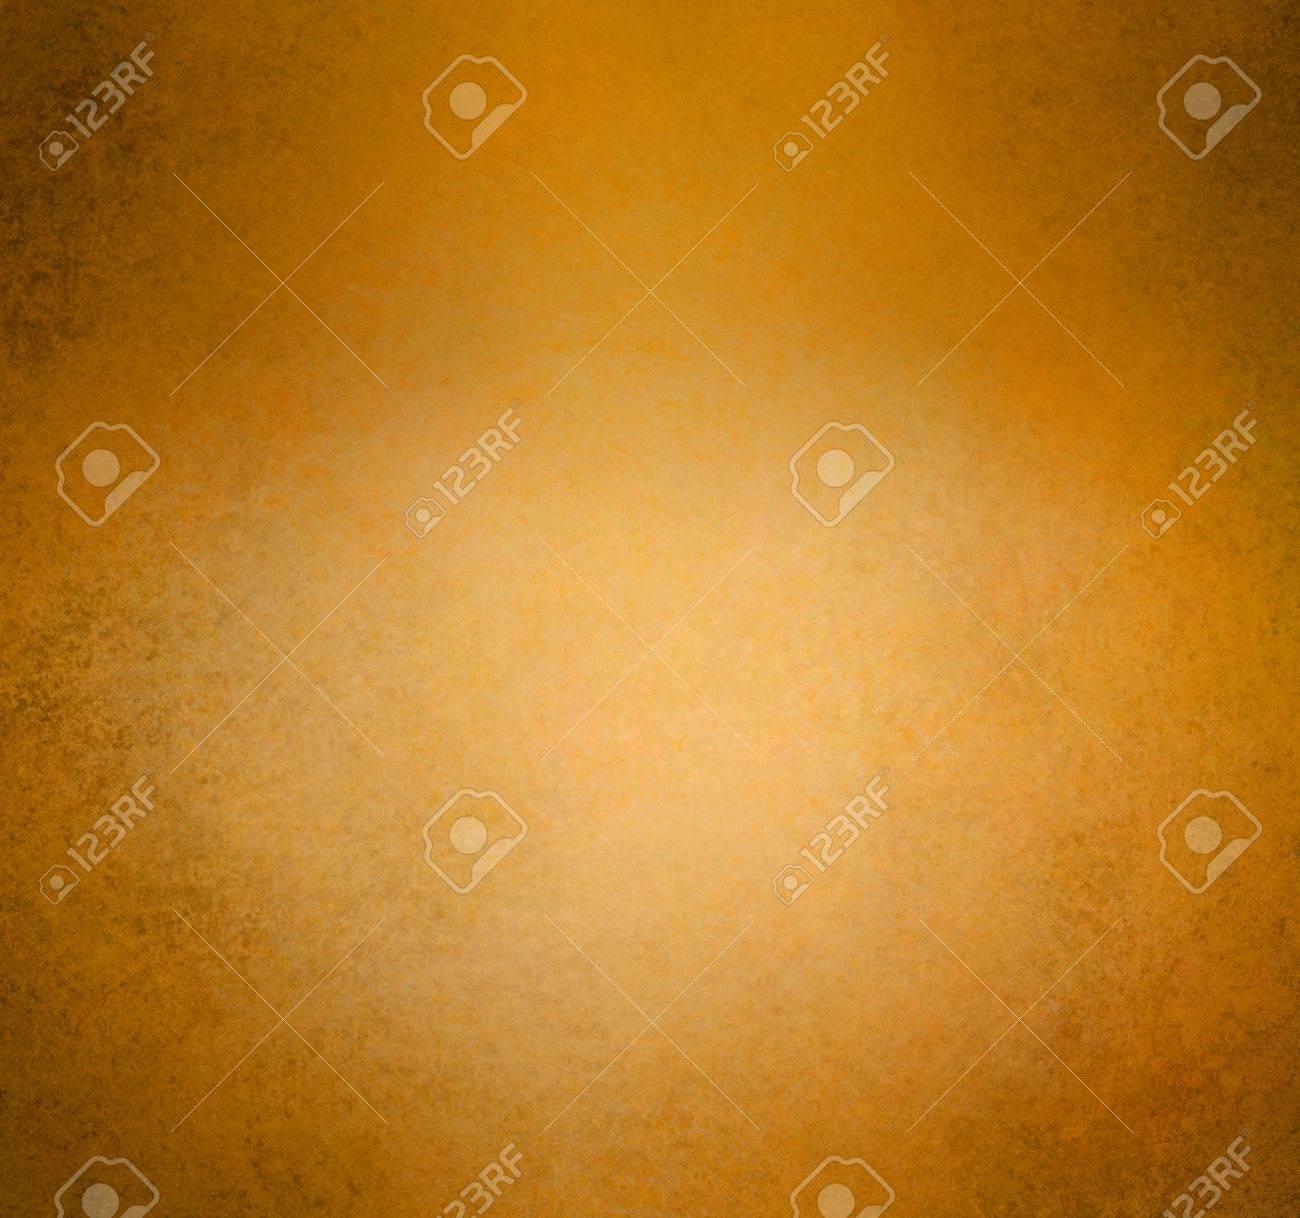 Brûlé Or Fond Orange Vendange Texture Frontière Détresse Porté Or Peinture Murale Orange Avec Plus Sombre Bordure Noire Grunge Et Lumineux Centre De